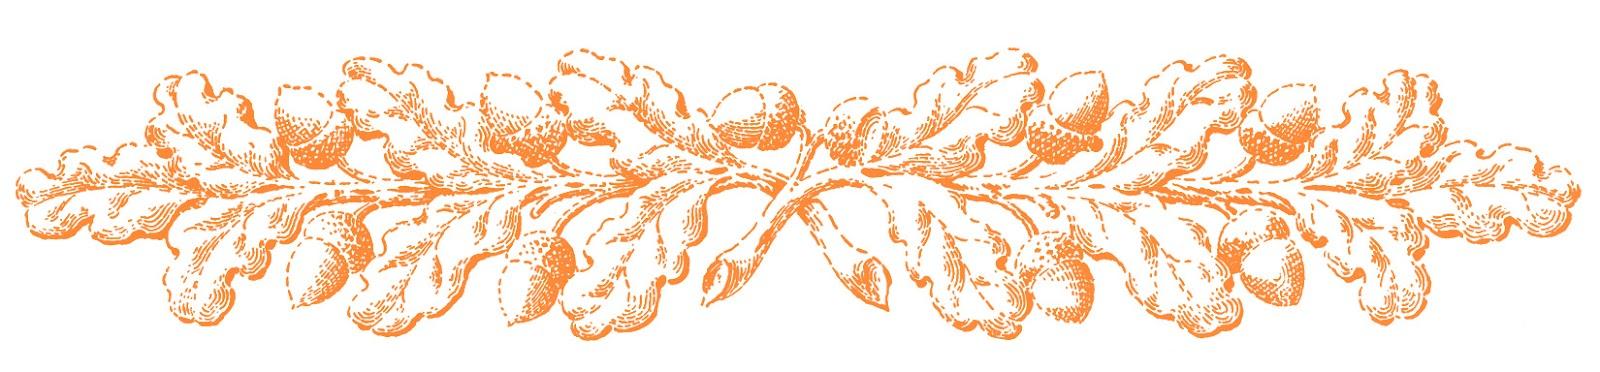 Fall clip art ornamental. Acorn clipart vintage